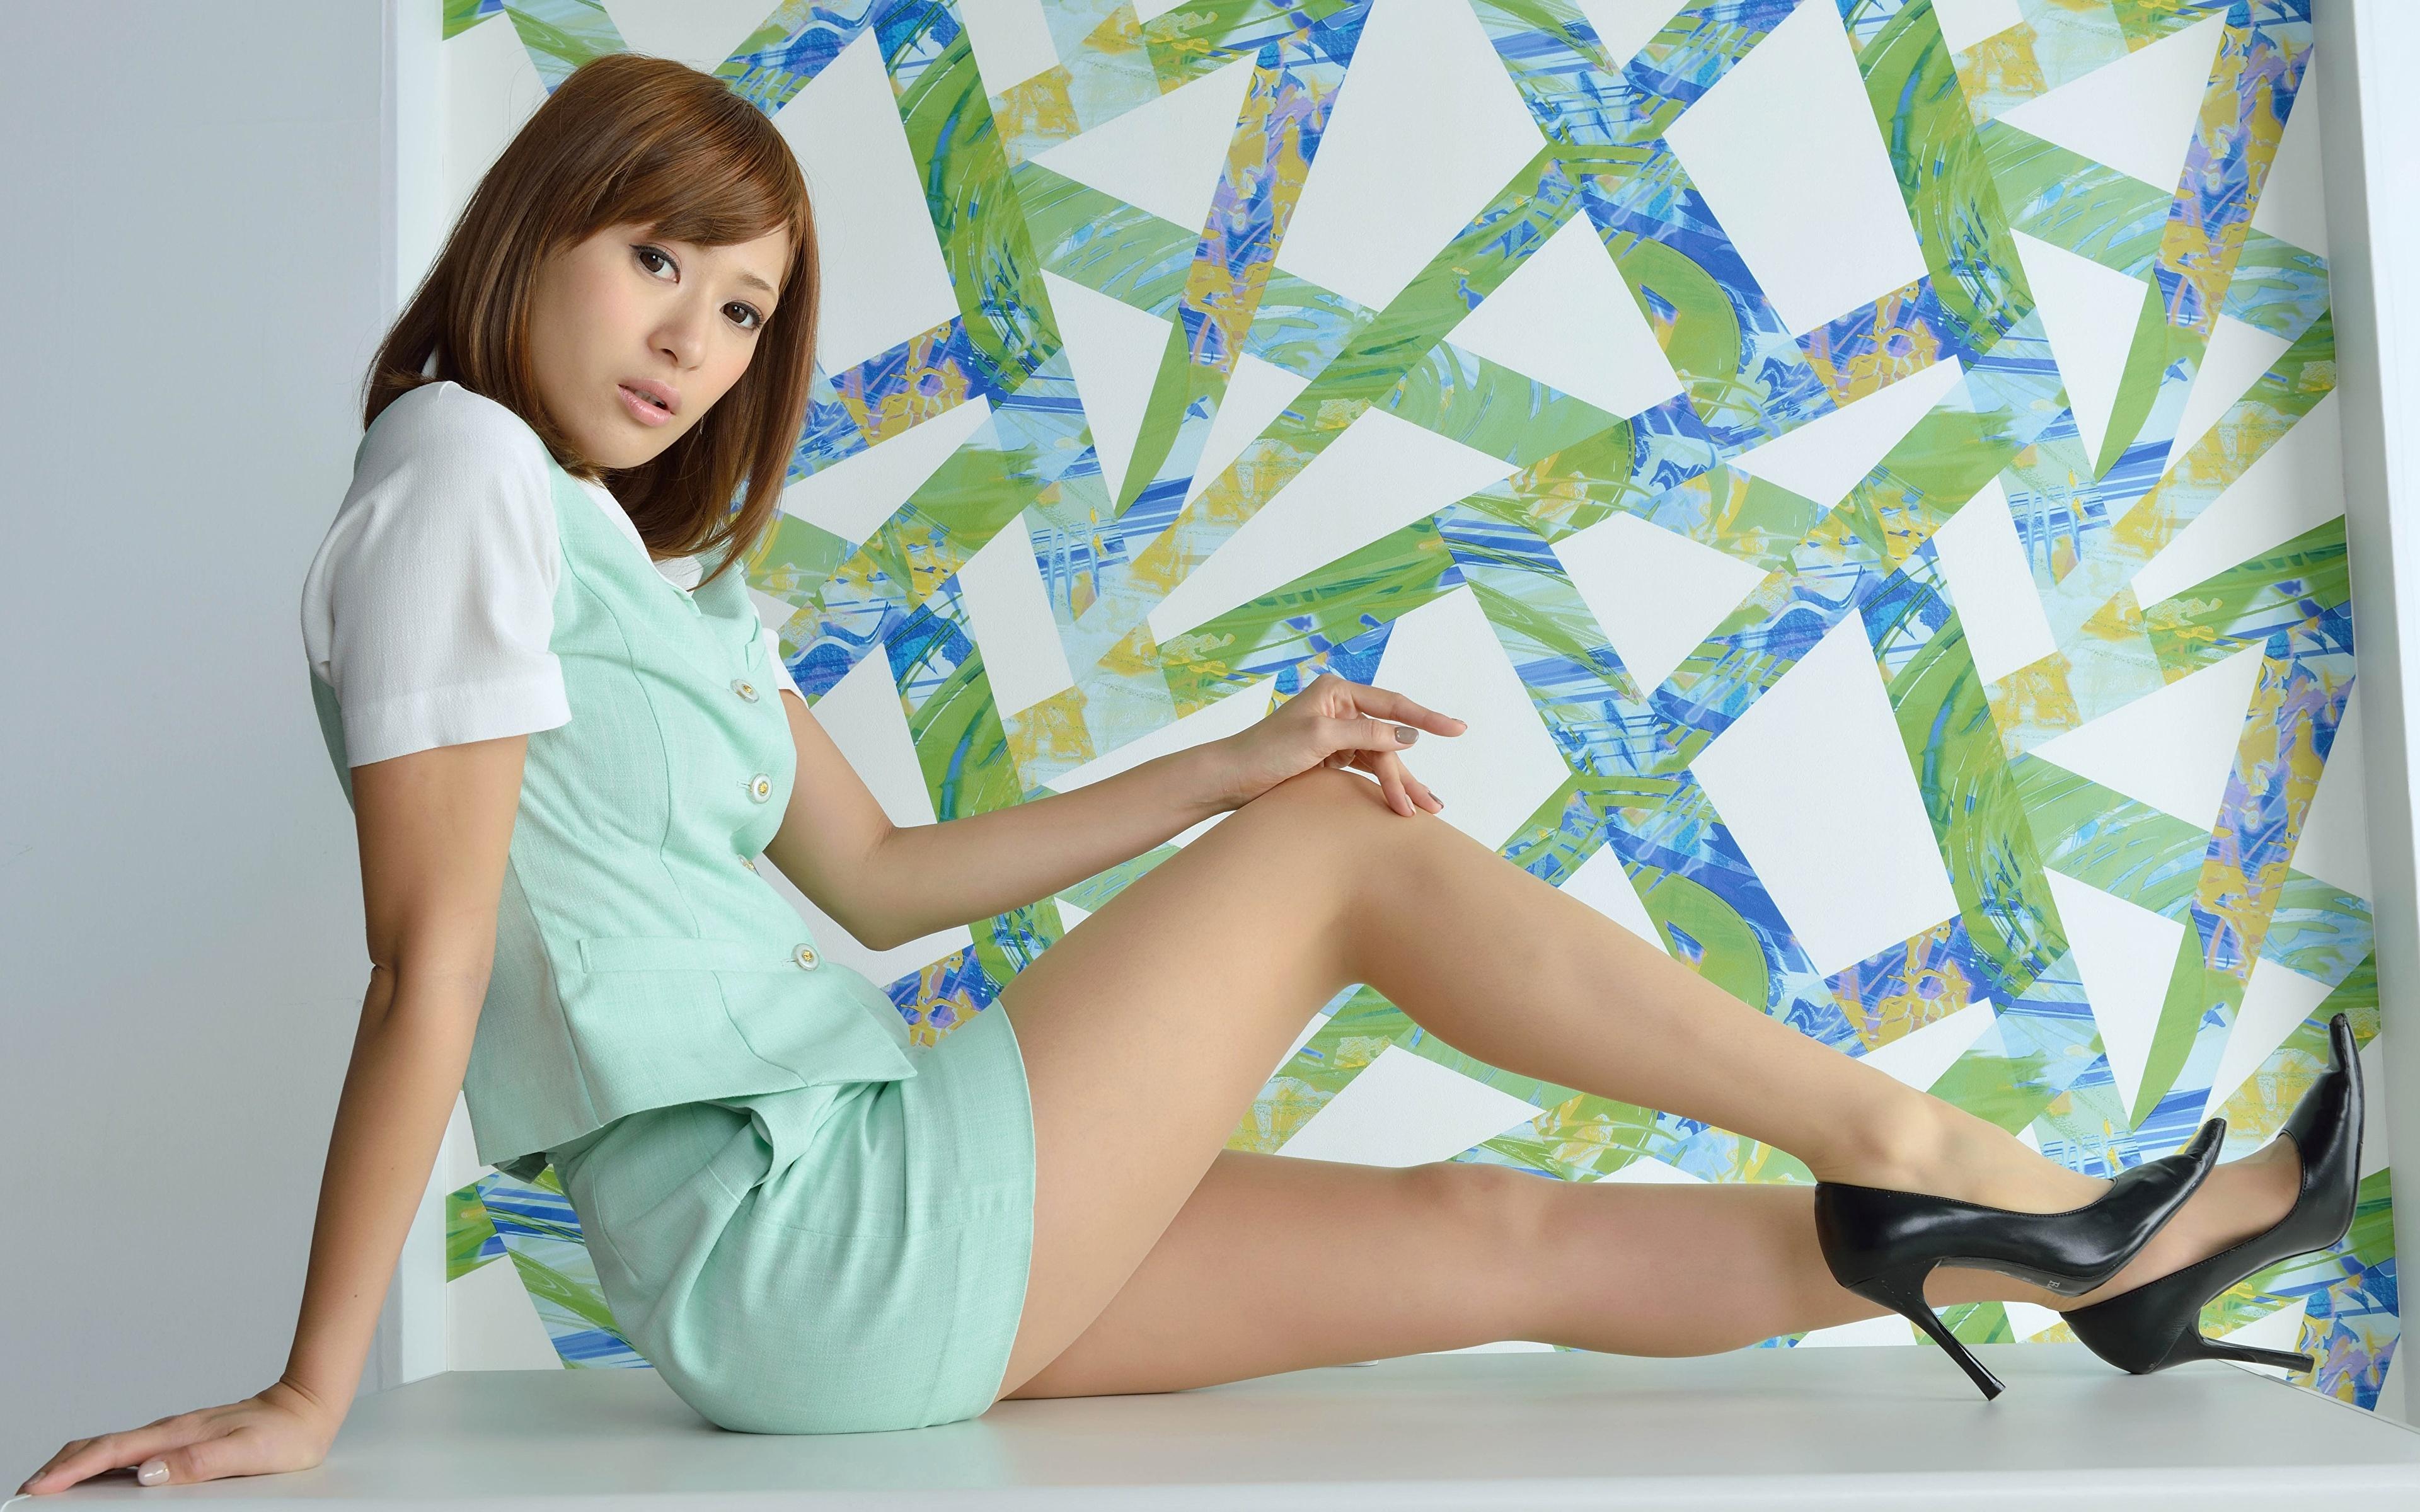 Картинка Шатенка девушка Ноги азиатки рука Сбоку сидящие Туфли 3840x2400 шатенки Девушки молодая женщина молодые женщины ног Азиаты азиатка Руки сидя Сидит туфель туфлях